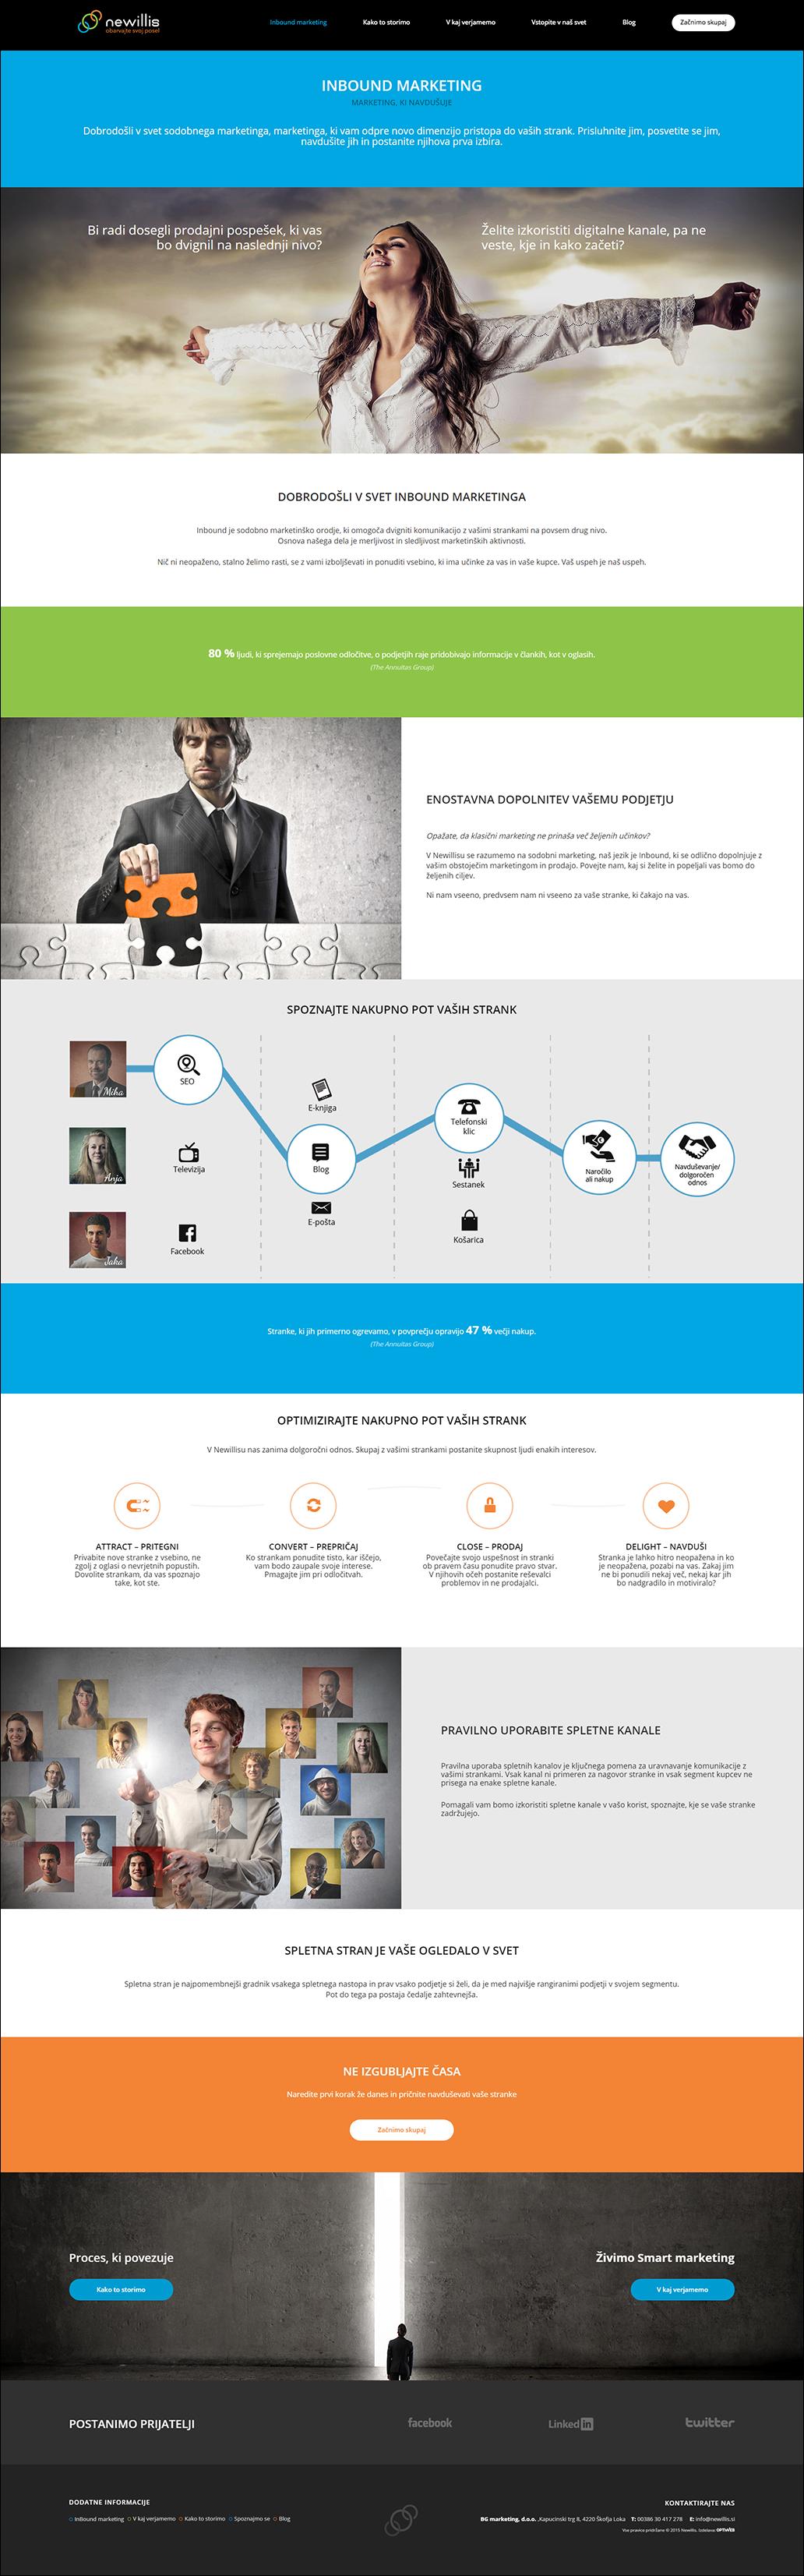 FireShot Capture - Inbound marketing, digitalni marketi_ - http___www.newillis.si_inbound-marketing_